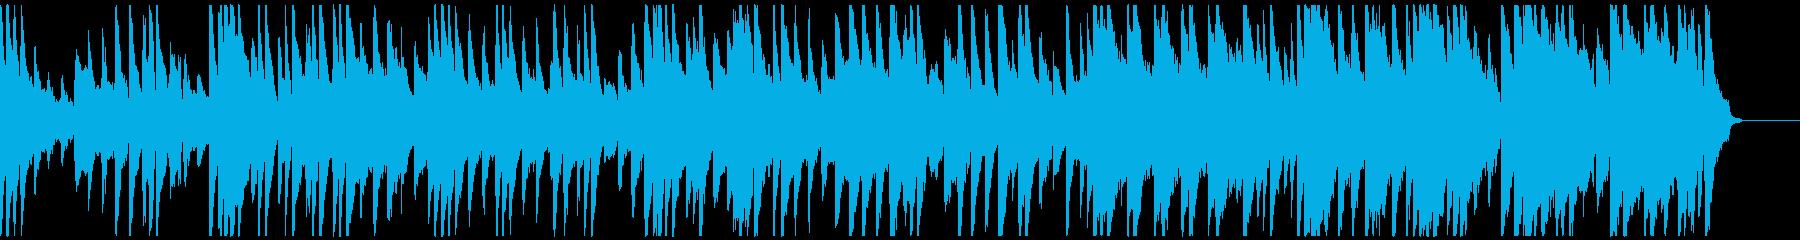 世界イタリア研究所感情的なムーディ...の再生済みの波形